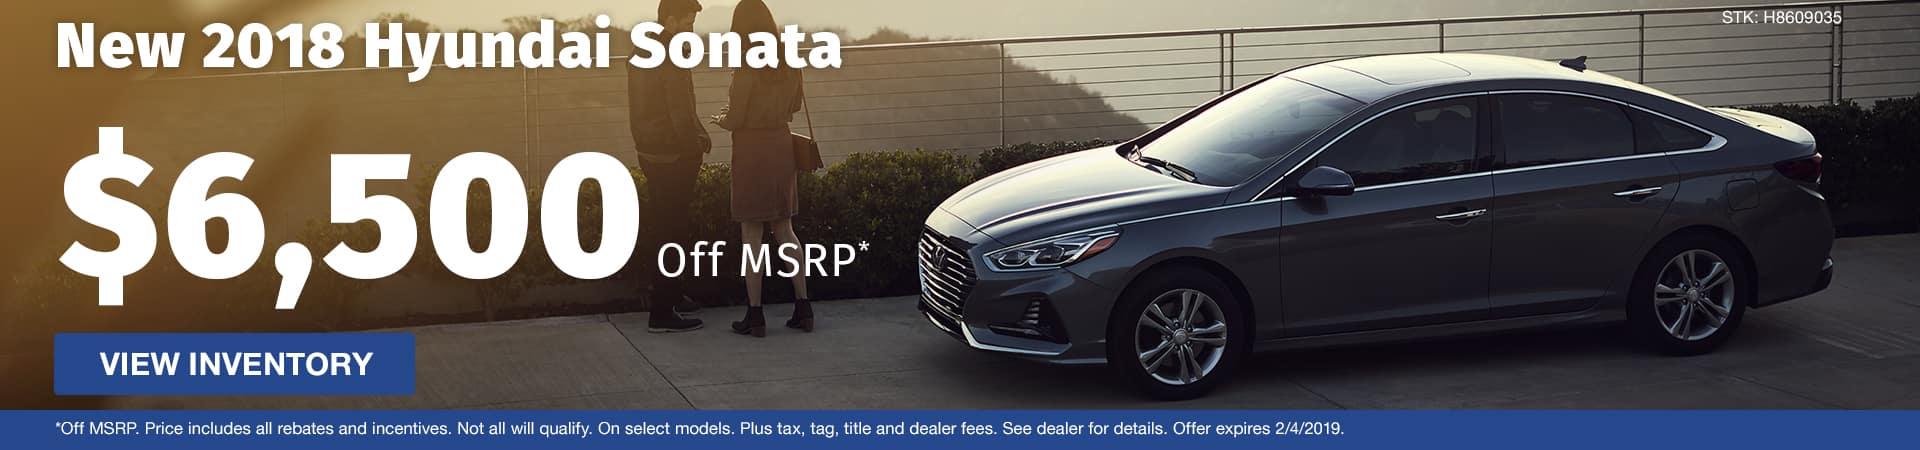 Save $6,500 off a new 2018 Hyundai Sonata in Murfreesboro TN